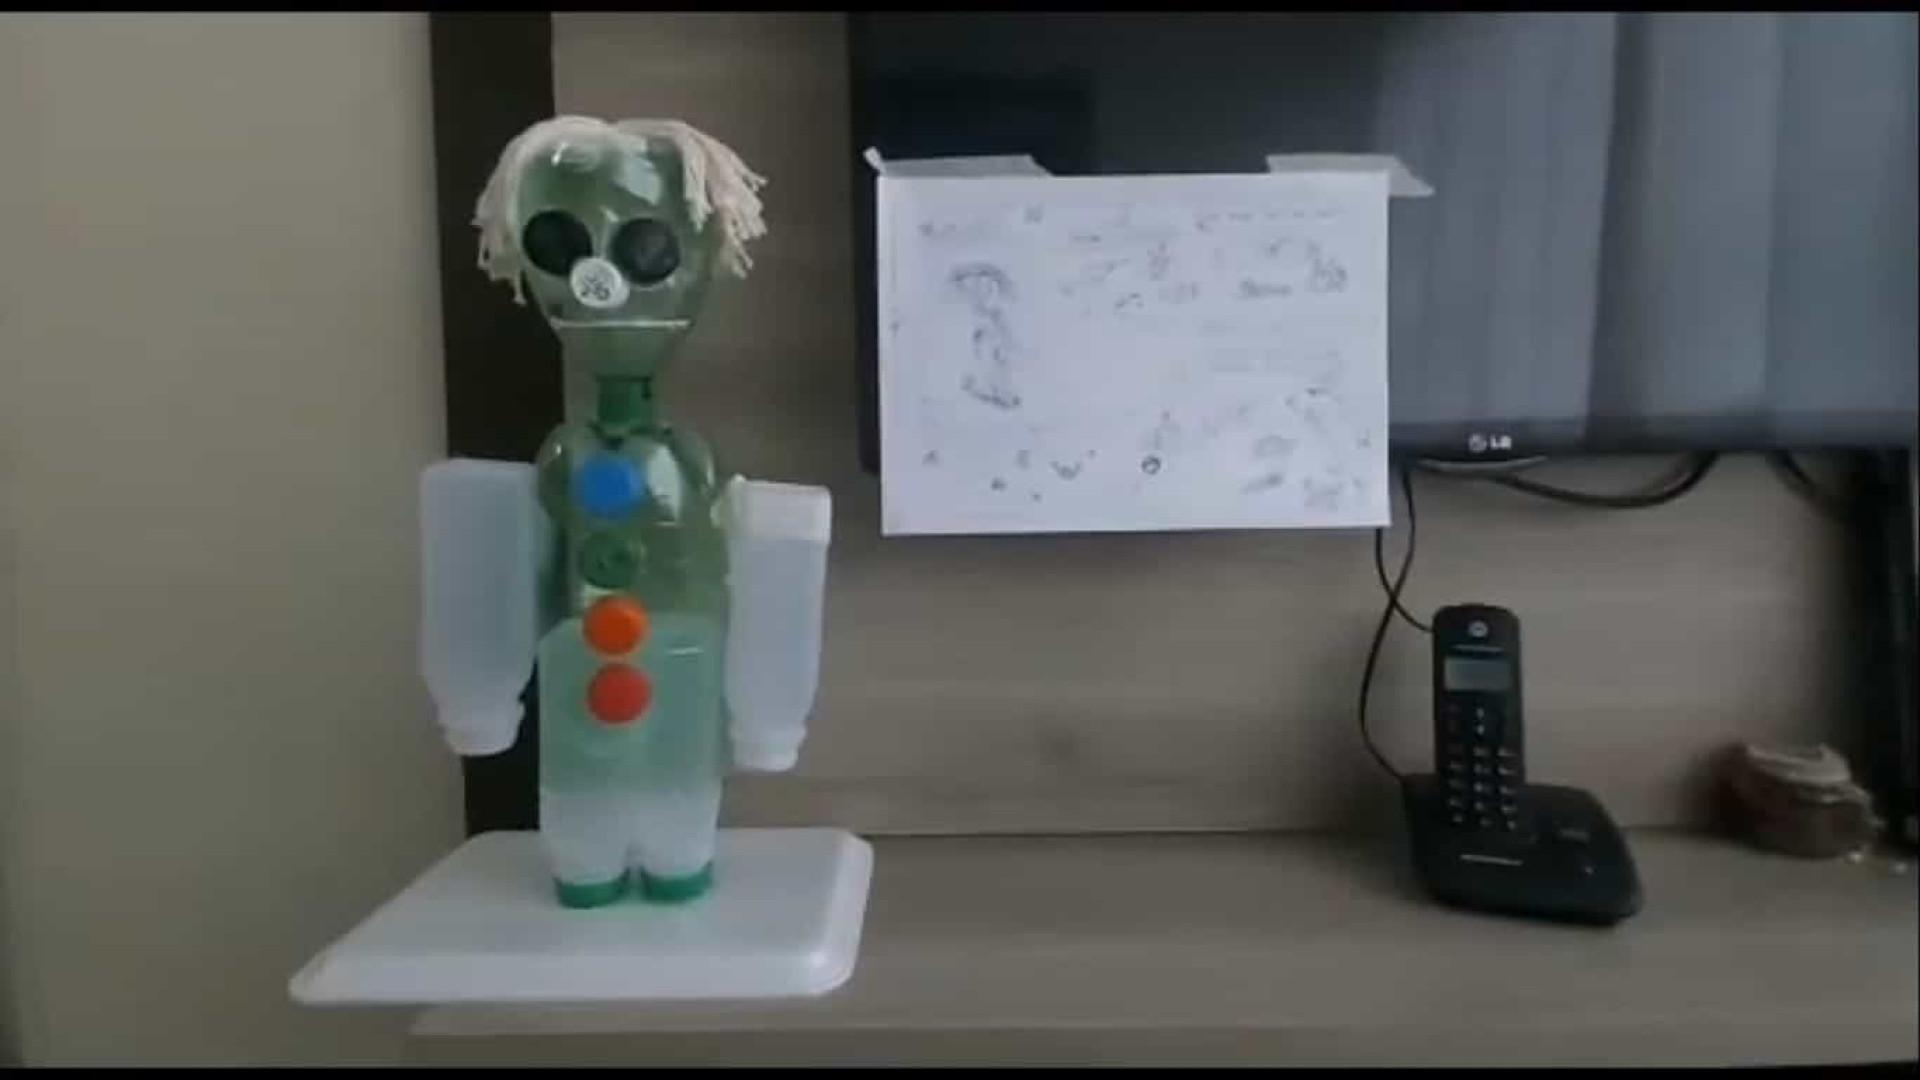 Alunos da rede estadual criam robôs com sucata em aula de tecnologia